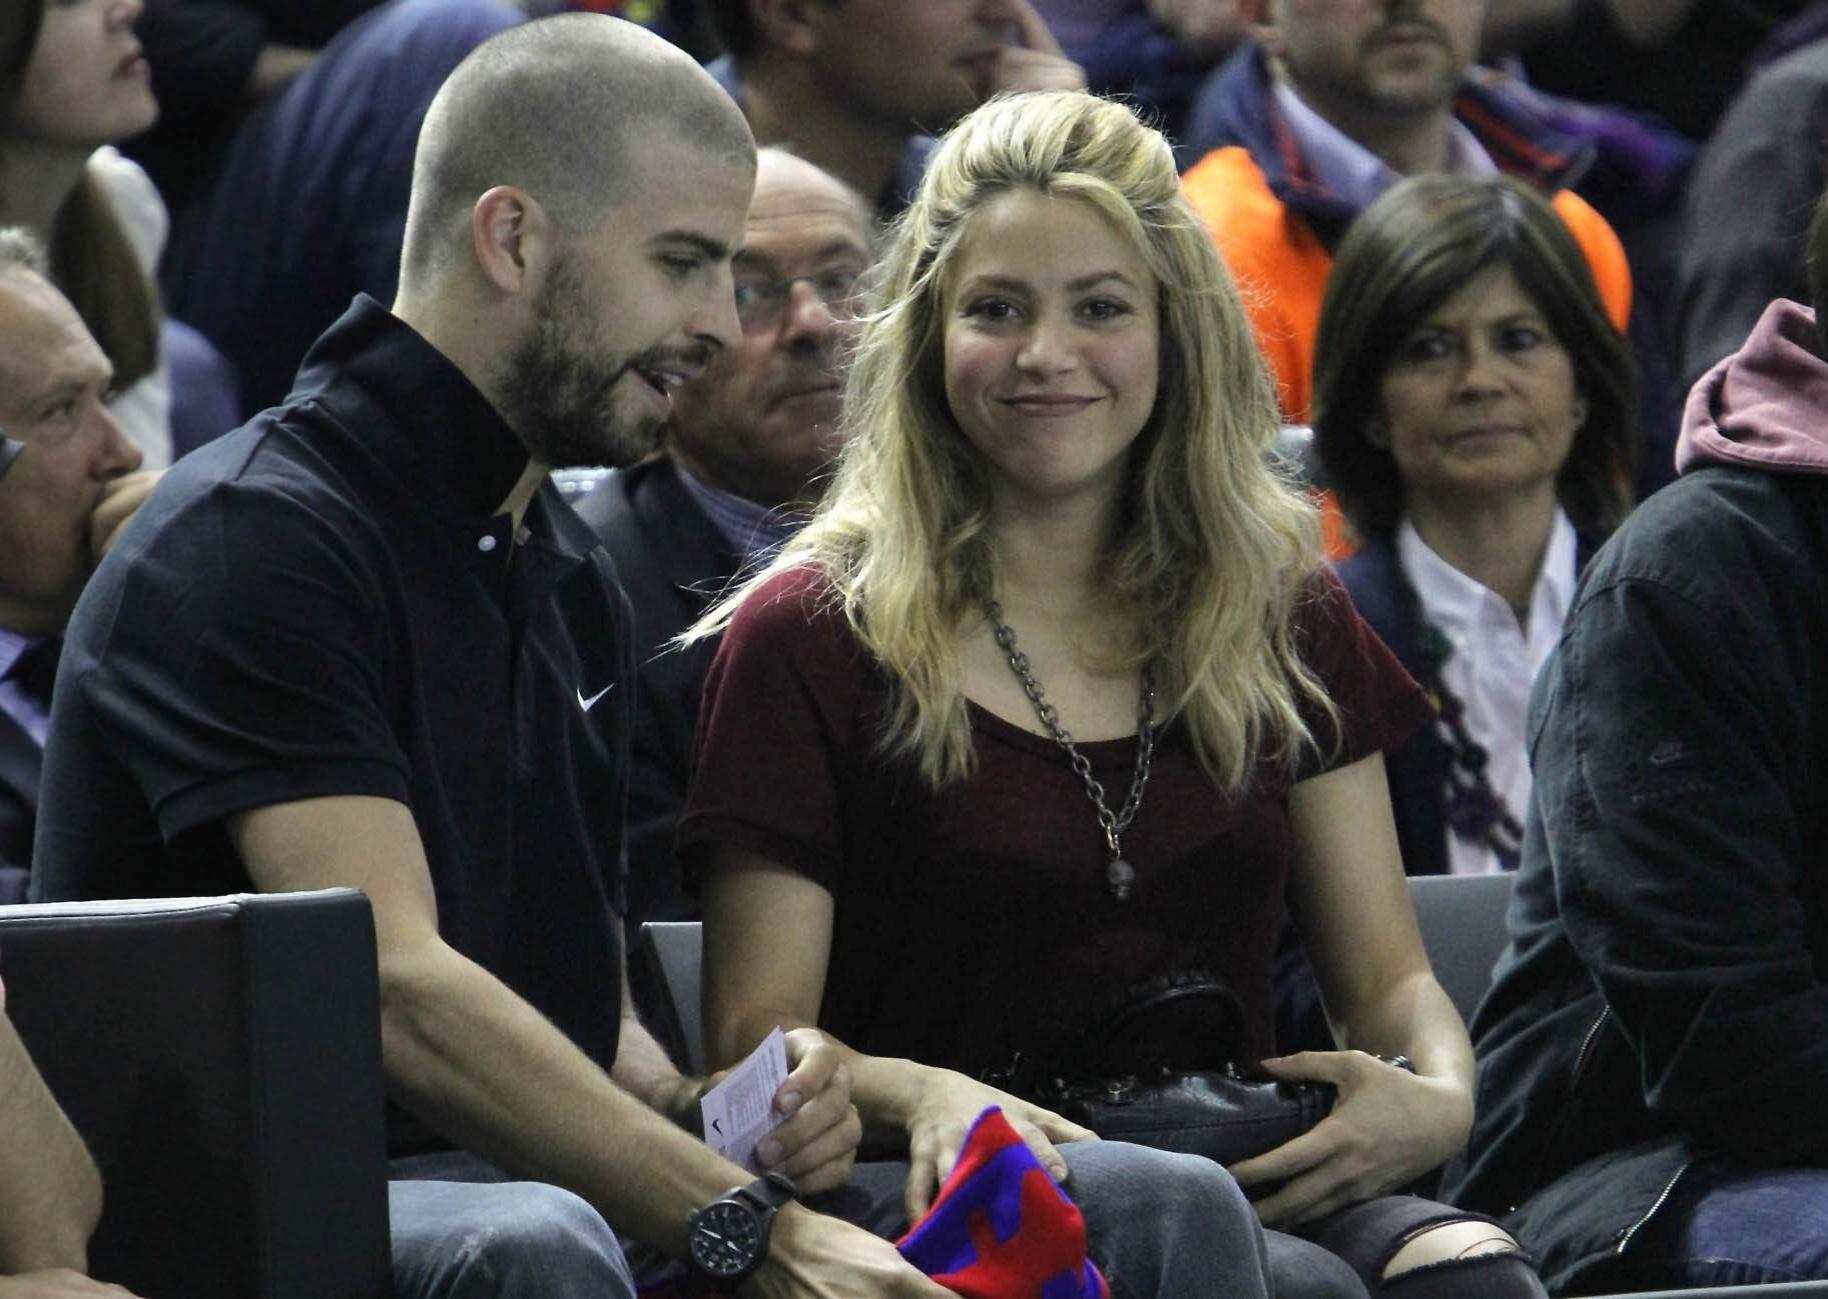 25.abr.2013 - Shakira sorri ao perceber que está sendo fotograda com o namorado Gerard Piqué durante jogo de basquete entre Barcelona e Panathinaikos, em Barcelona. Os dois são pais do bebê Milan, de três meses